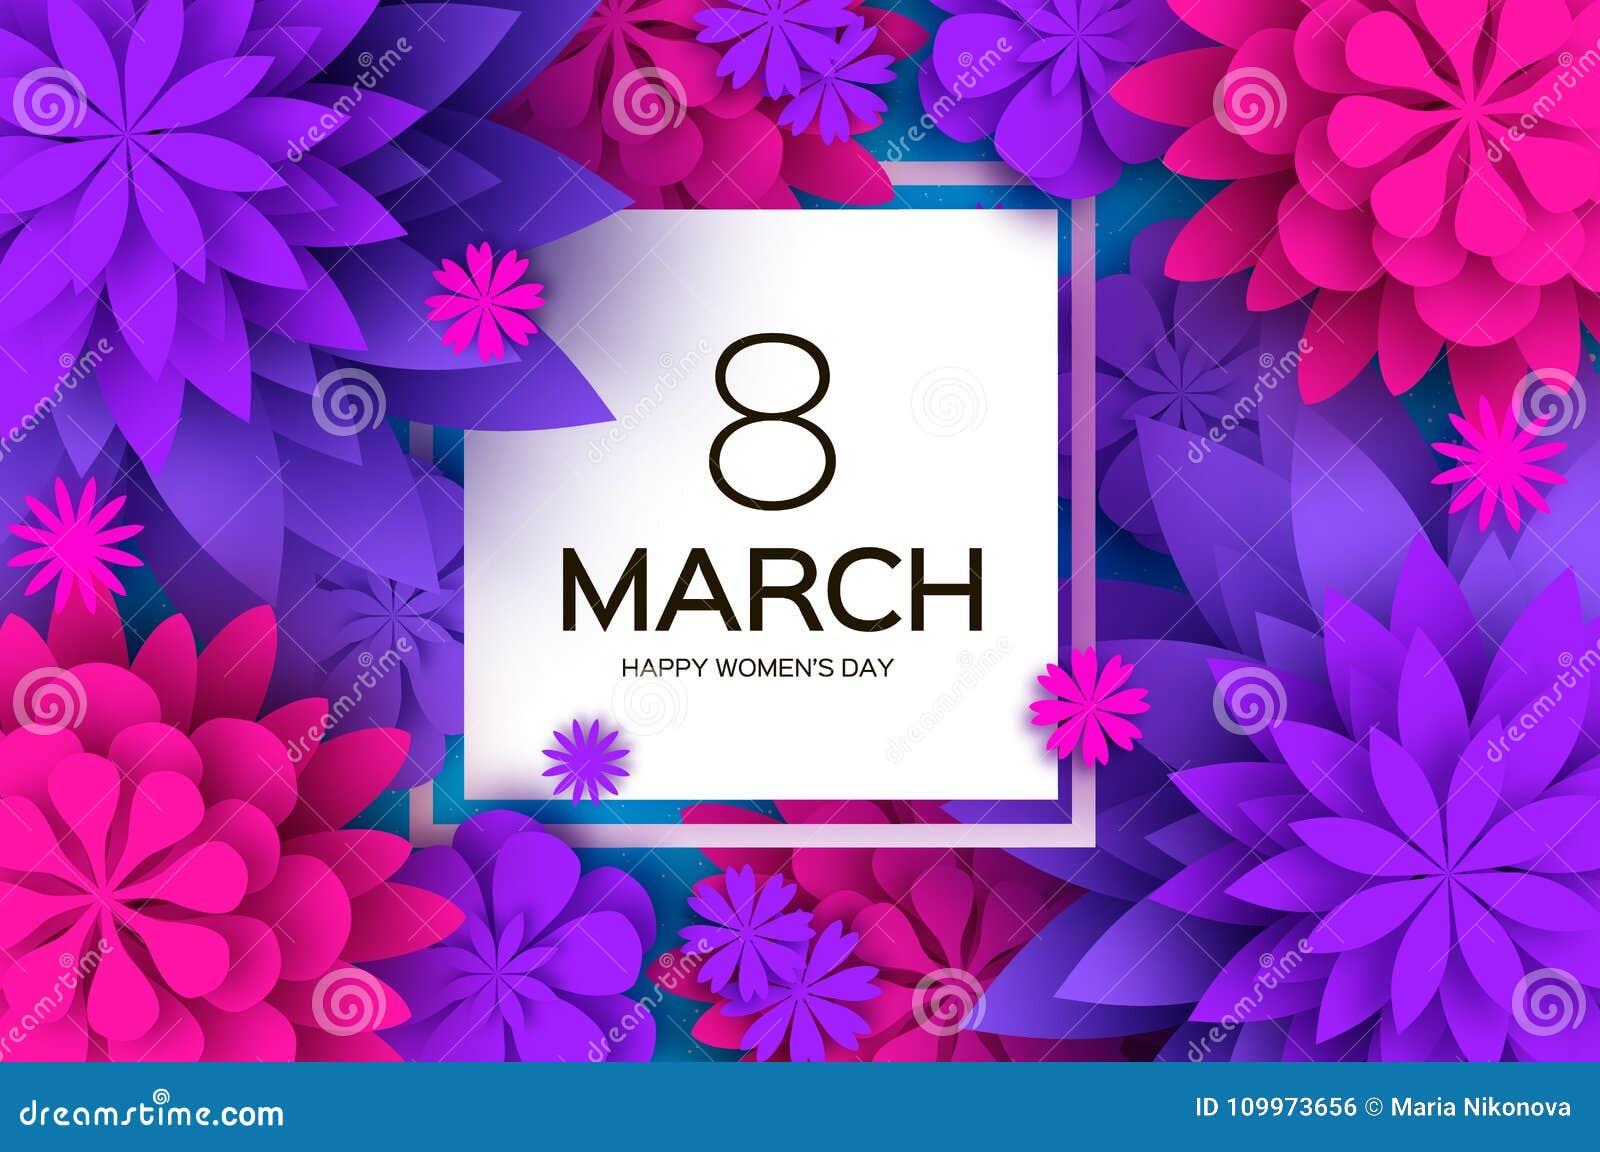 Ultra Violet Pink Paper Cut Flower 8 mars Carte de voeux du jour des femmes Bouquet floral d origami Trame carrée texte